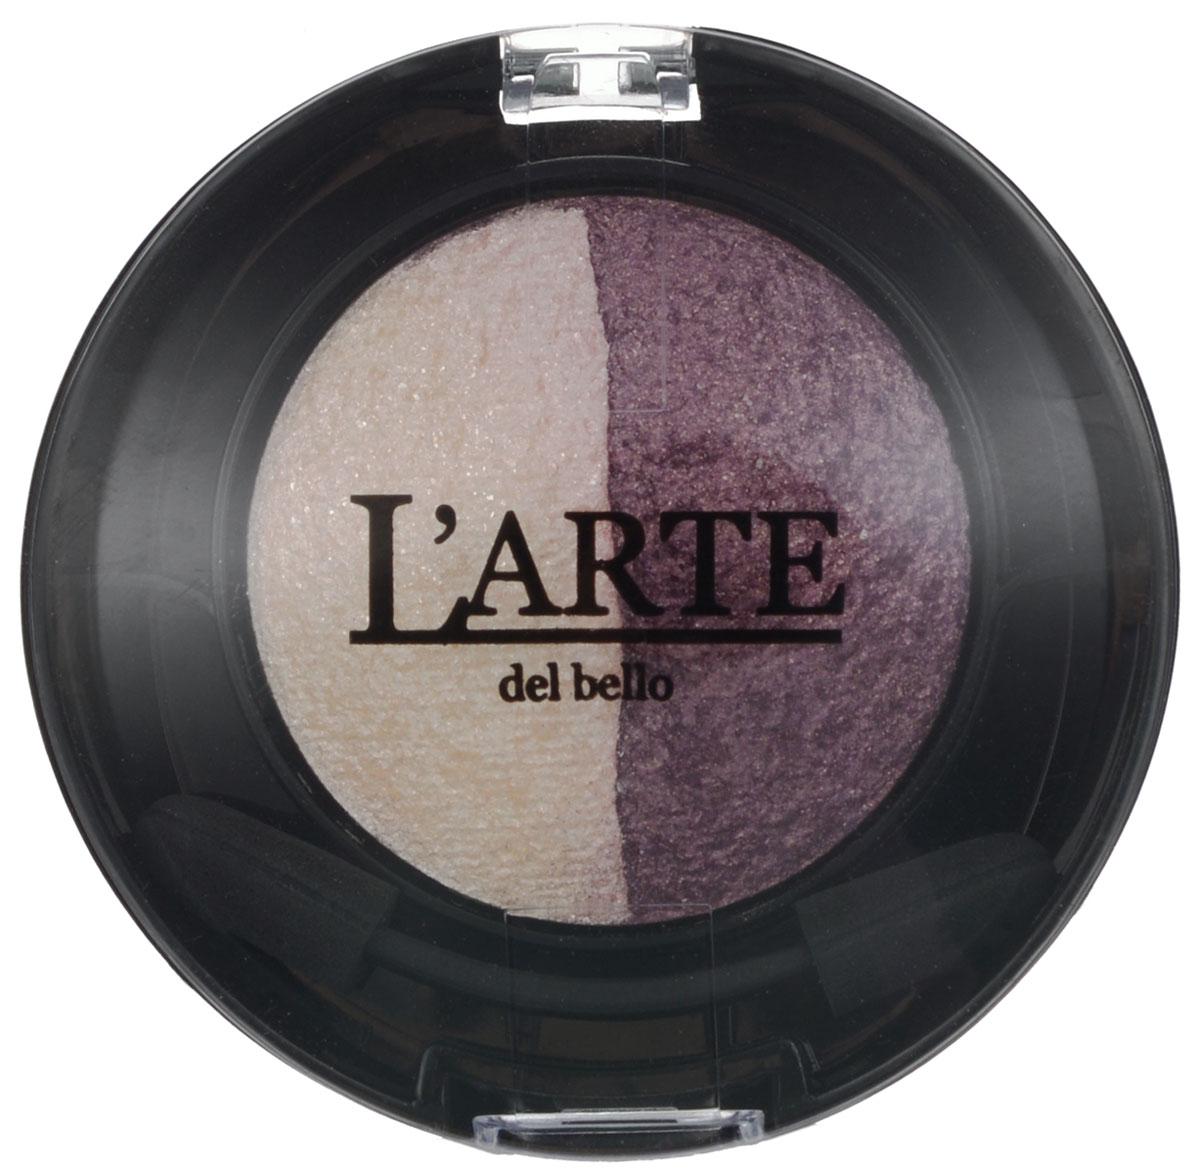 Larte del bello Тени для век Glamorous Duo, запеченные, тон 02 Герань, 2 цвета, 2 г0202При изготовлении теней от Larte del bello Glamorous Duo использовалась особая производственная технология - запекание. Она позволяет получить дополнительный блеск и сияние. Тени на час помещают в специальную печь, разогретую до 65 градусов по Цельсию. Благодаря нагреванию тени приобретают особые свойства - это особенно заметно при нанесении влажным способом. Нанесенные влажным аппликатором, они образуют плотное, выразительное, сияющее и гладкое покрытие. Плотность нанесения можно варьировать, получая оттенок любой насыщенности. Тени держатся весь день, не скатываются в складочках века. Формула обогащена Витамином Е. Без парабенов. Товар сертифицирован.